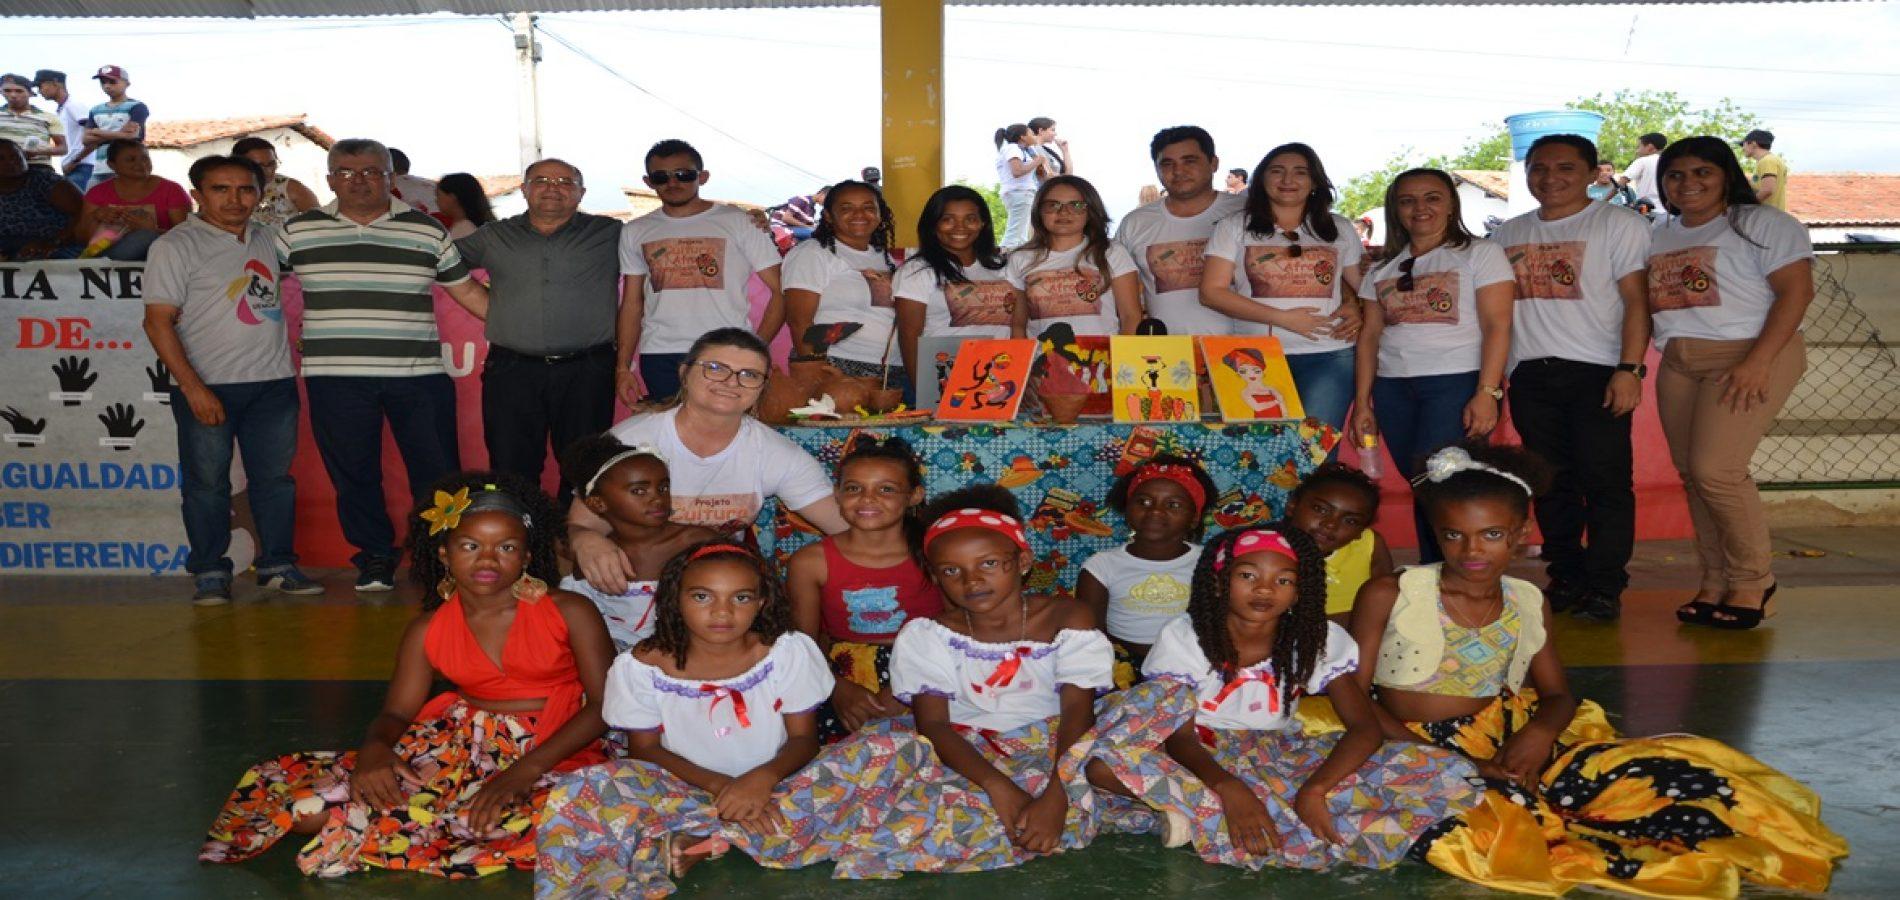 FOTOS | Culminância do projeto Cultura Afro-brasileira  nas escolas em Padre Marcos